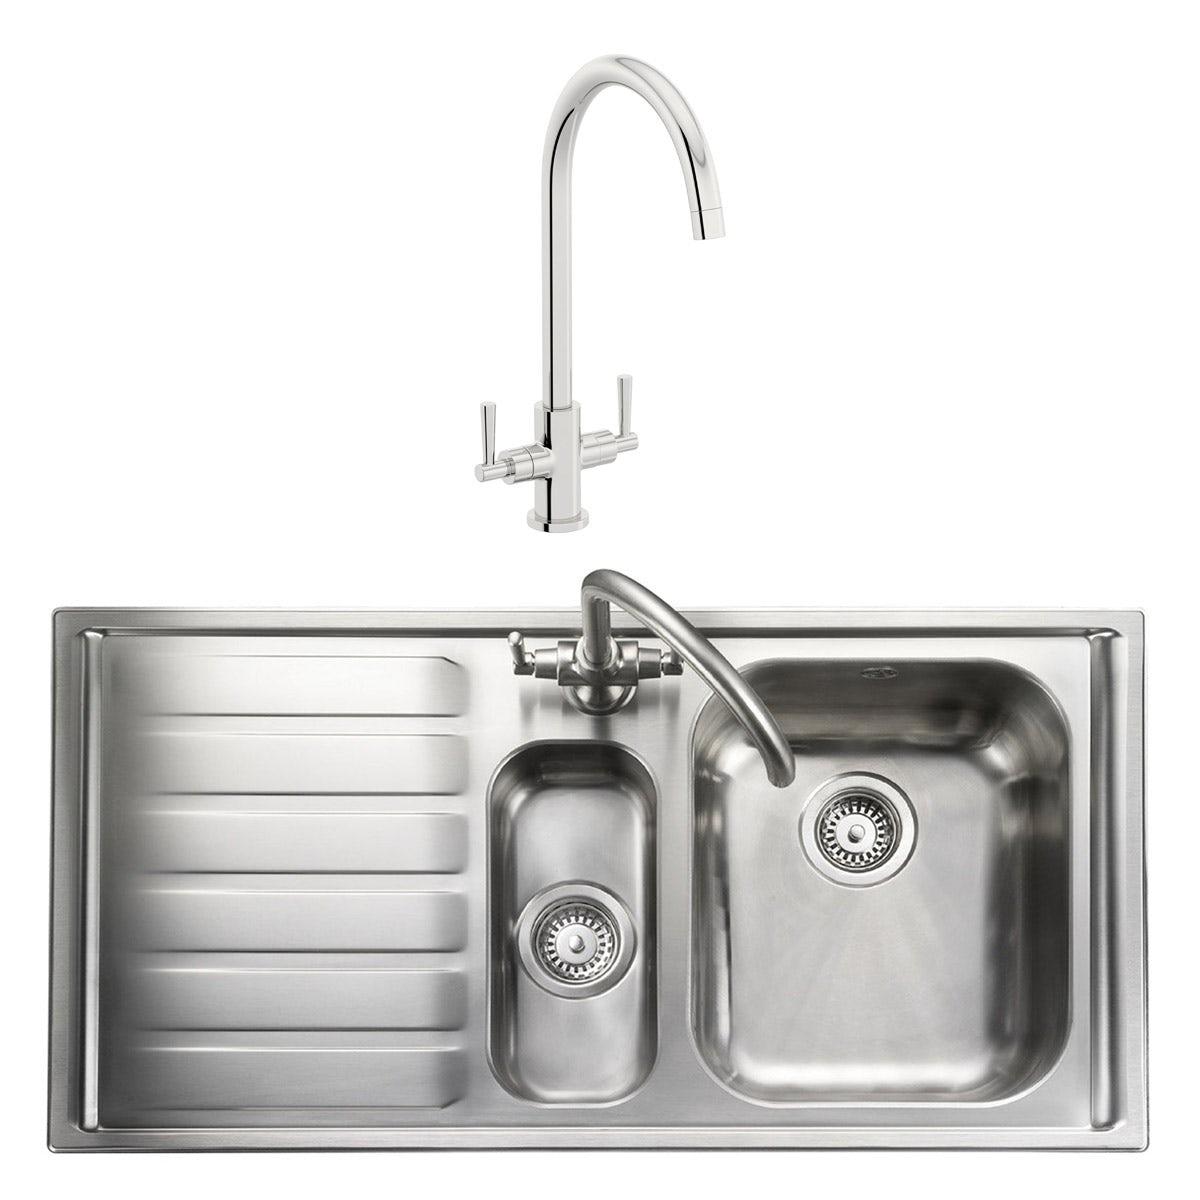 Rangemaster Manhattan 1 5 Bowl Left Handed Kitchen Sink With Waste Kit And Schon C Spout Wras Kitchen Tap Victoriaplum Com